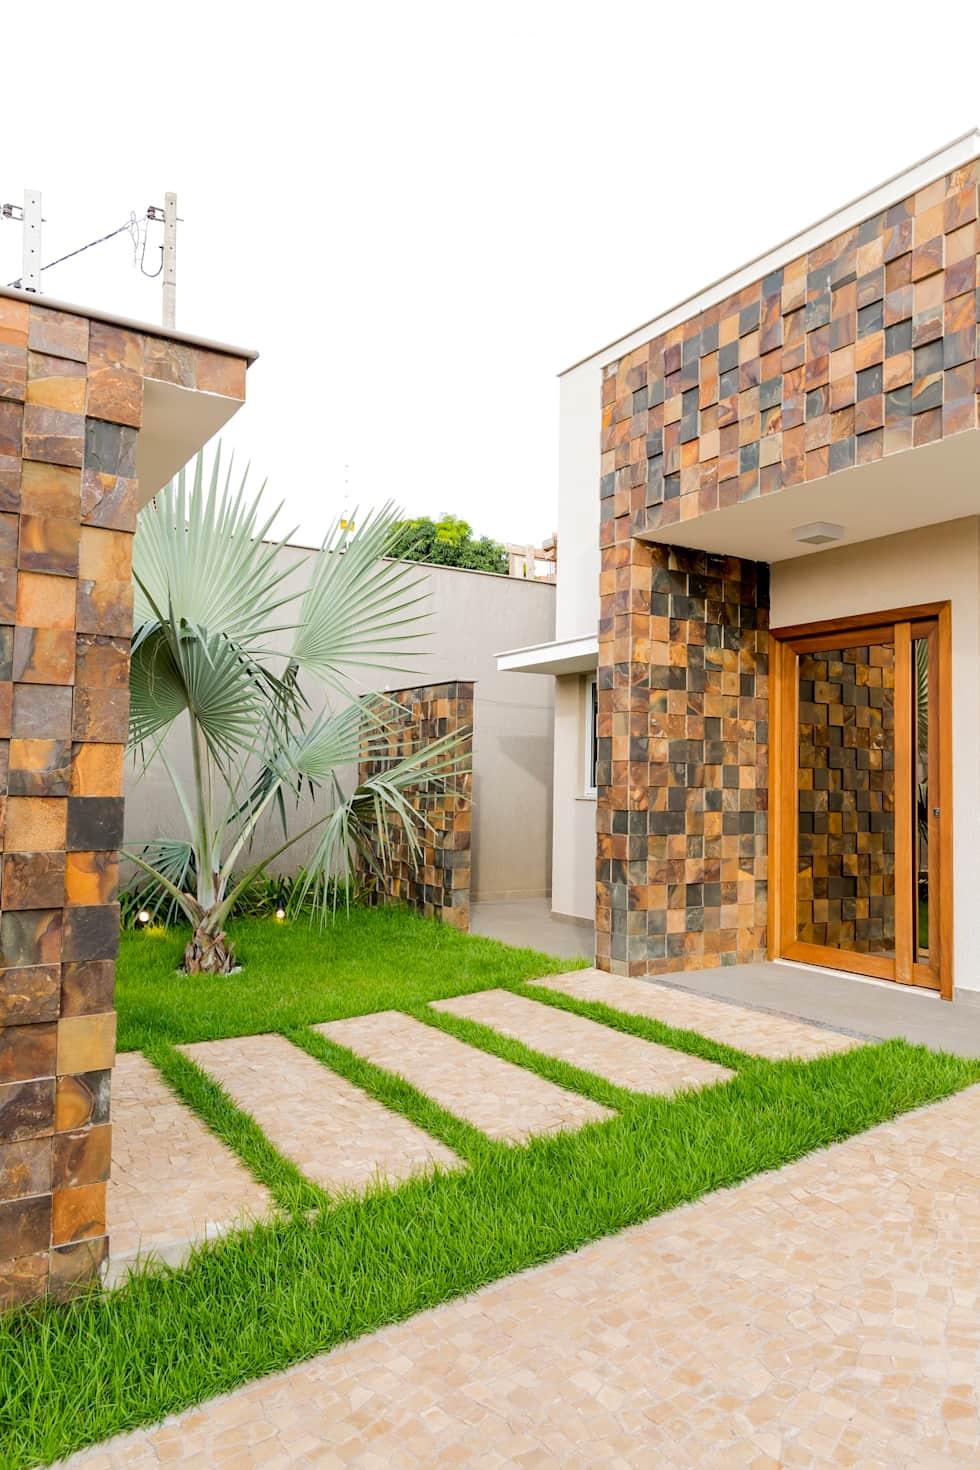 Mesmo ainda pequena essa palmeira azul já se destaca na entrada da casa ornamentada por pedras